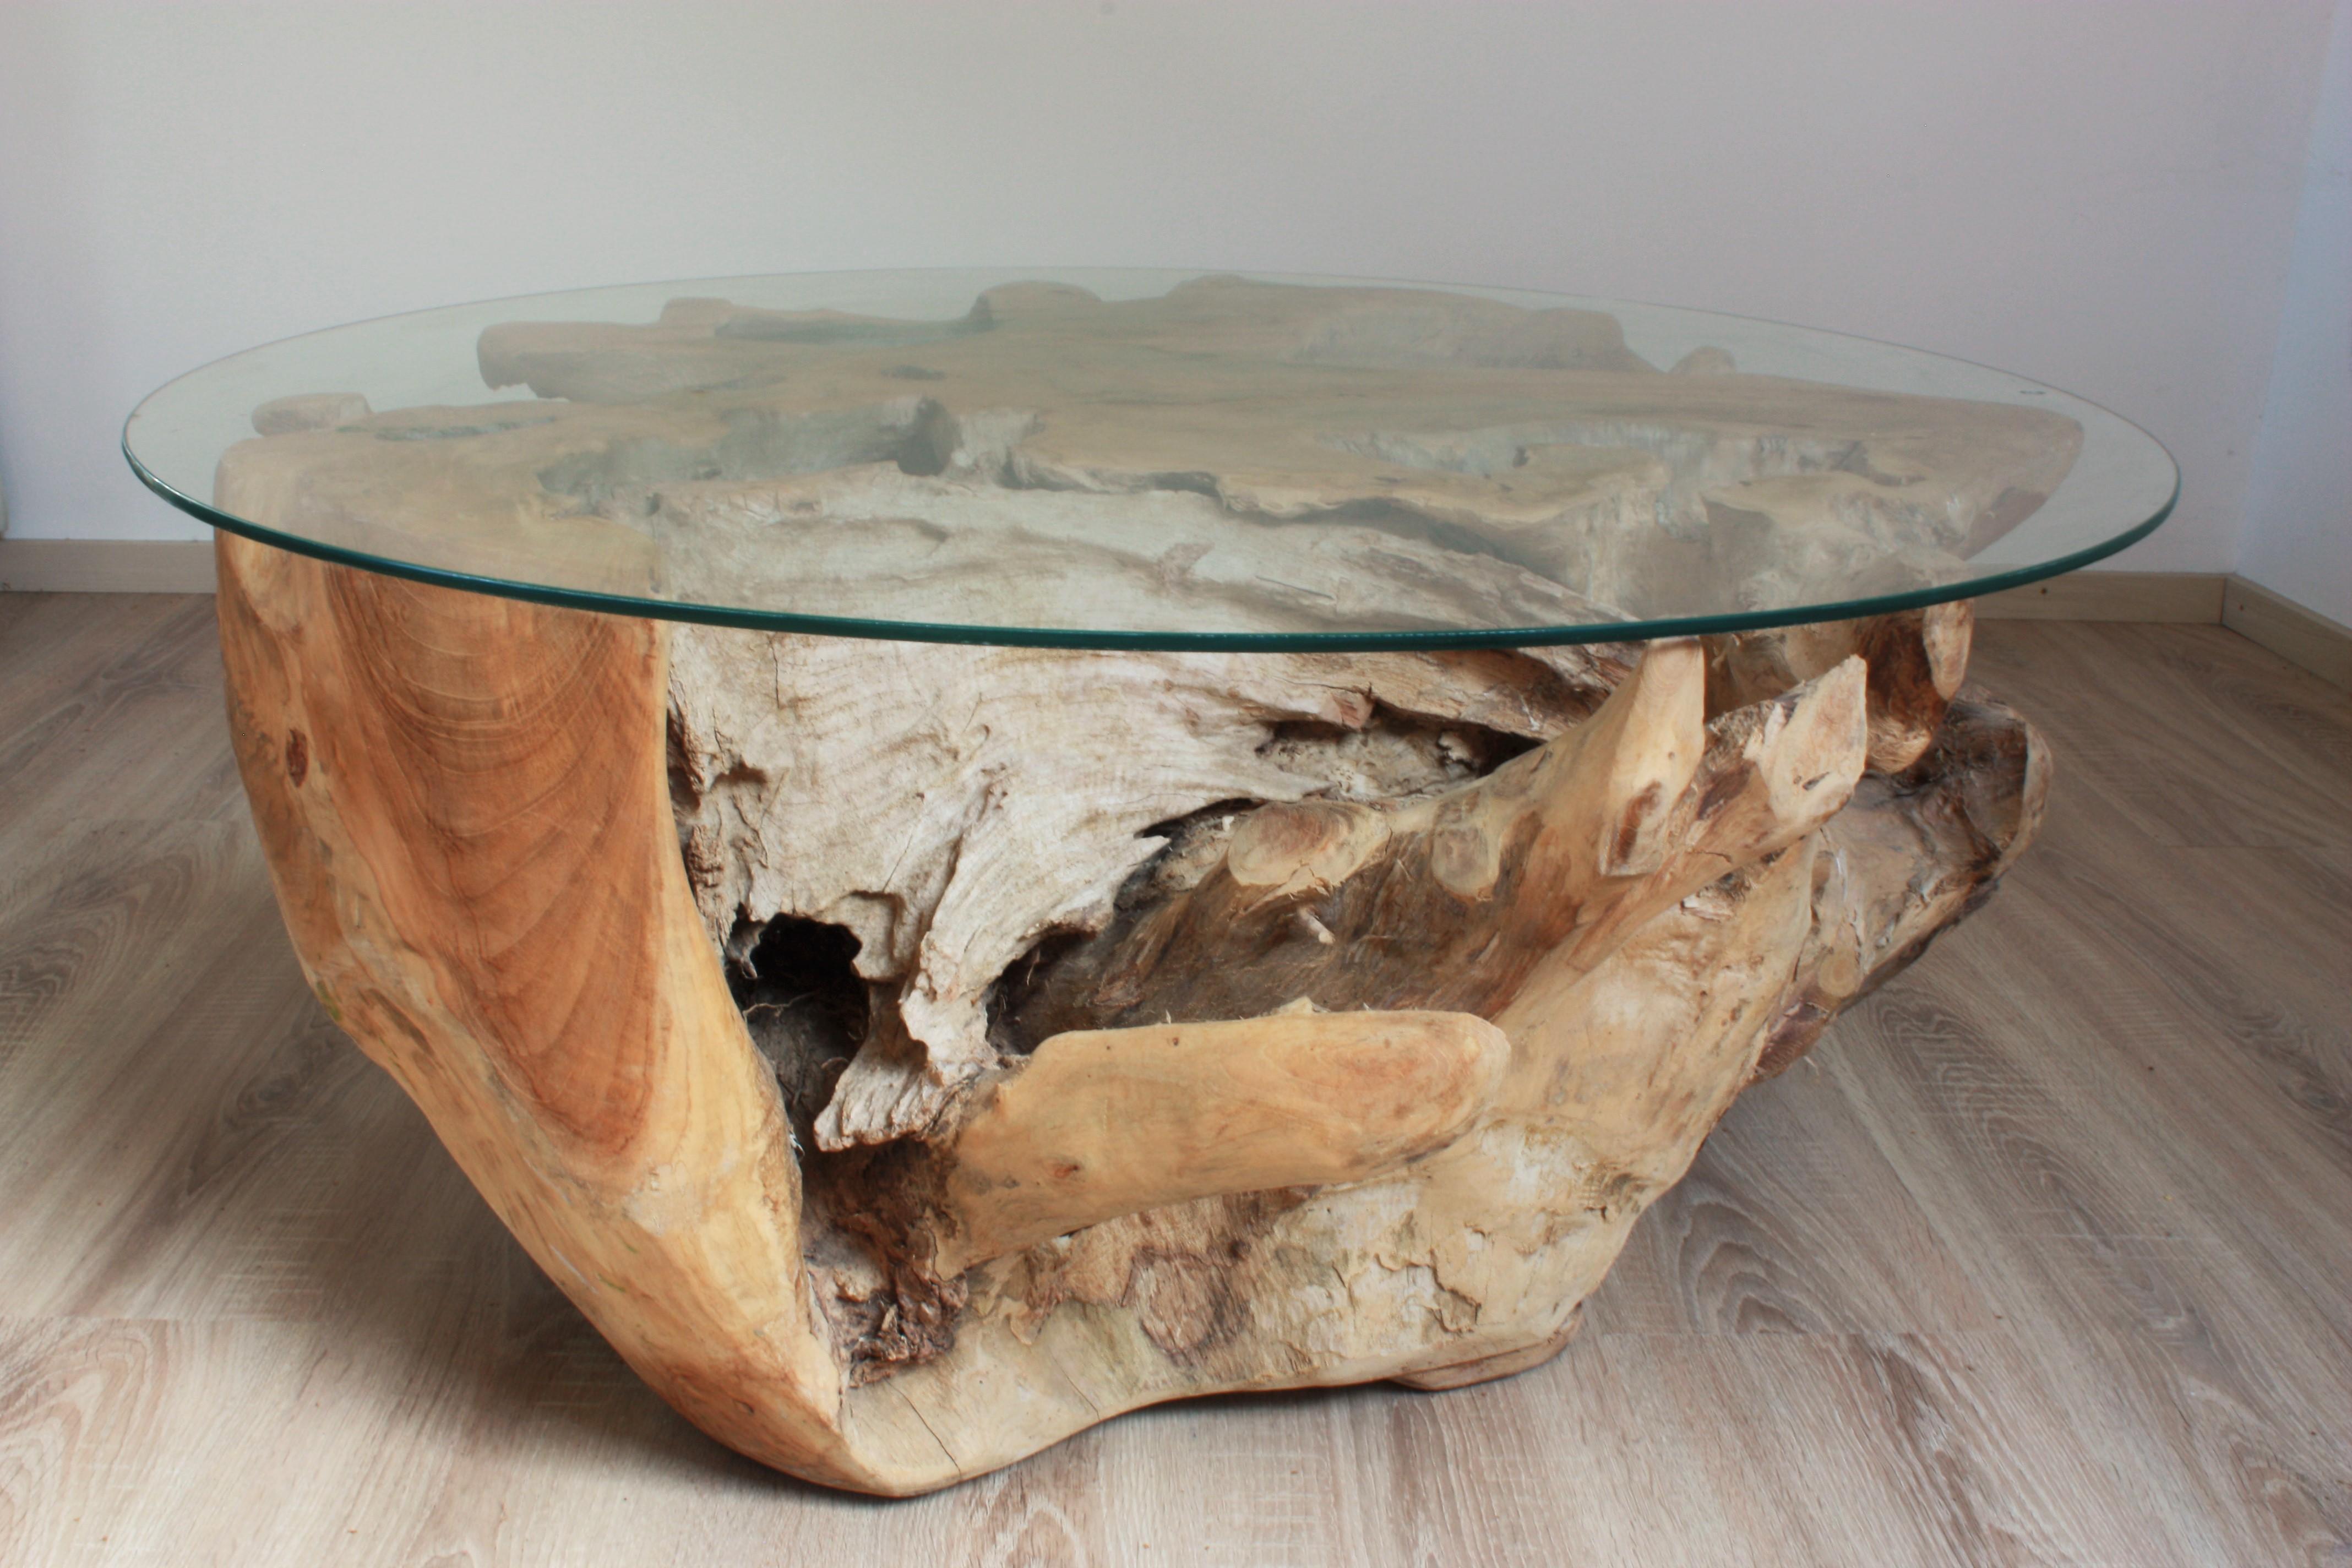 Couchtisch wurzelholz holz rustikal beistelltisch for Holz couchtisch mit glasplatte